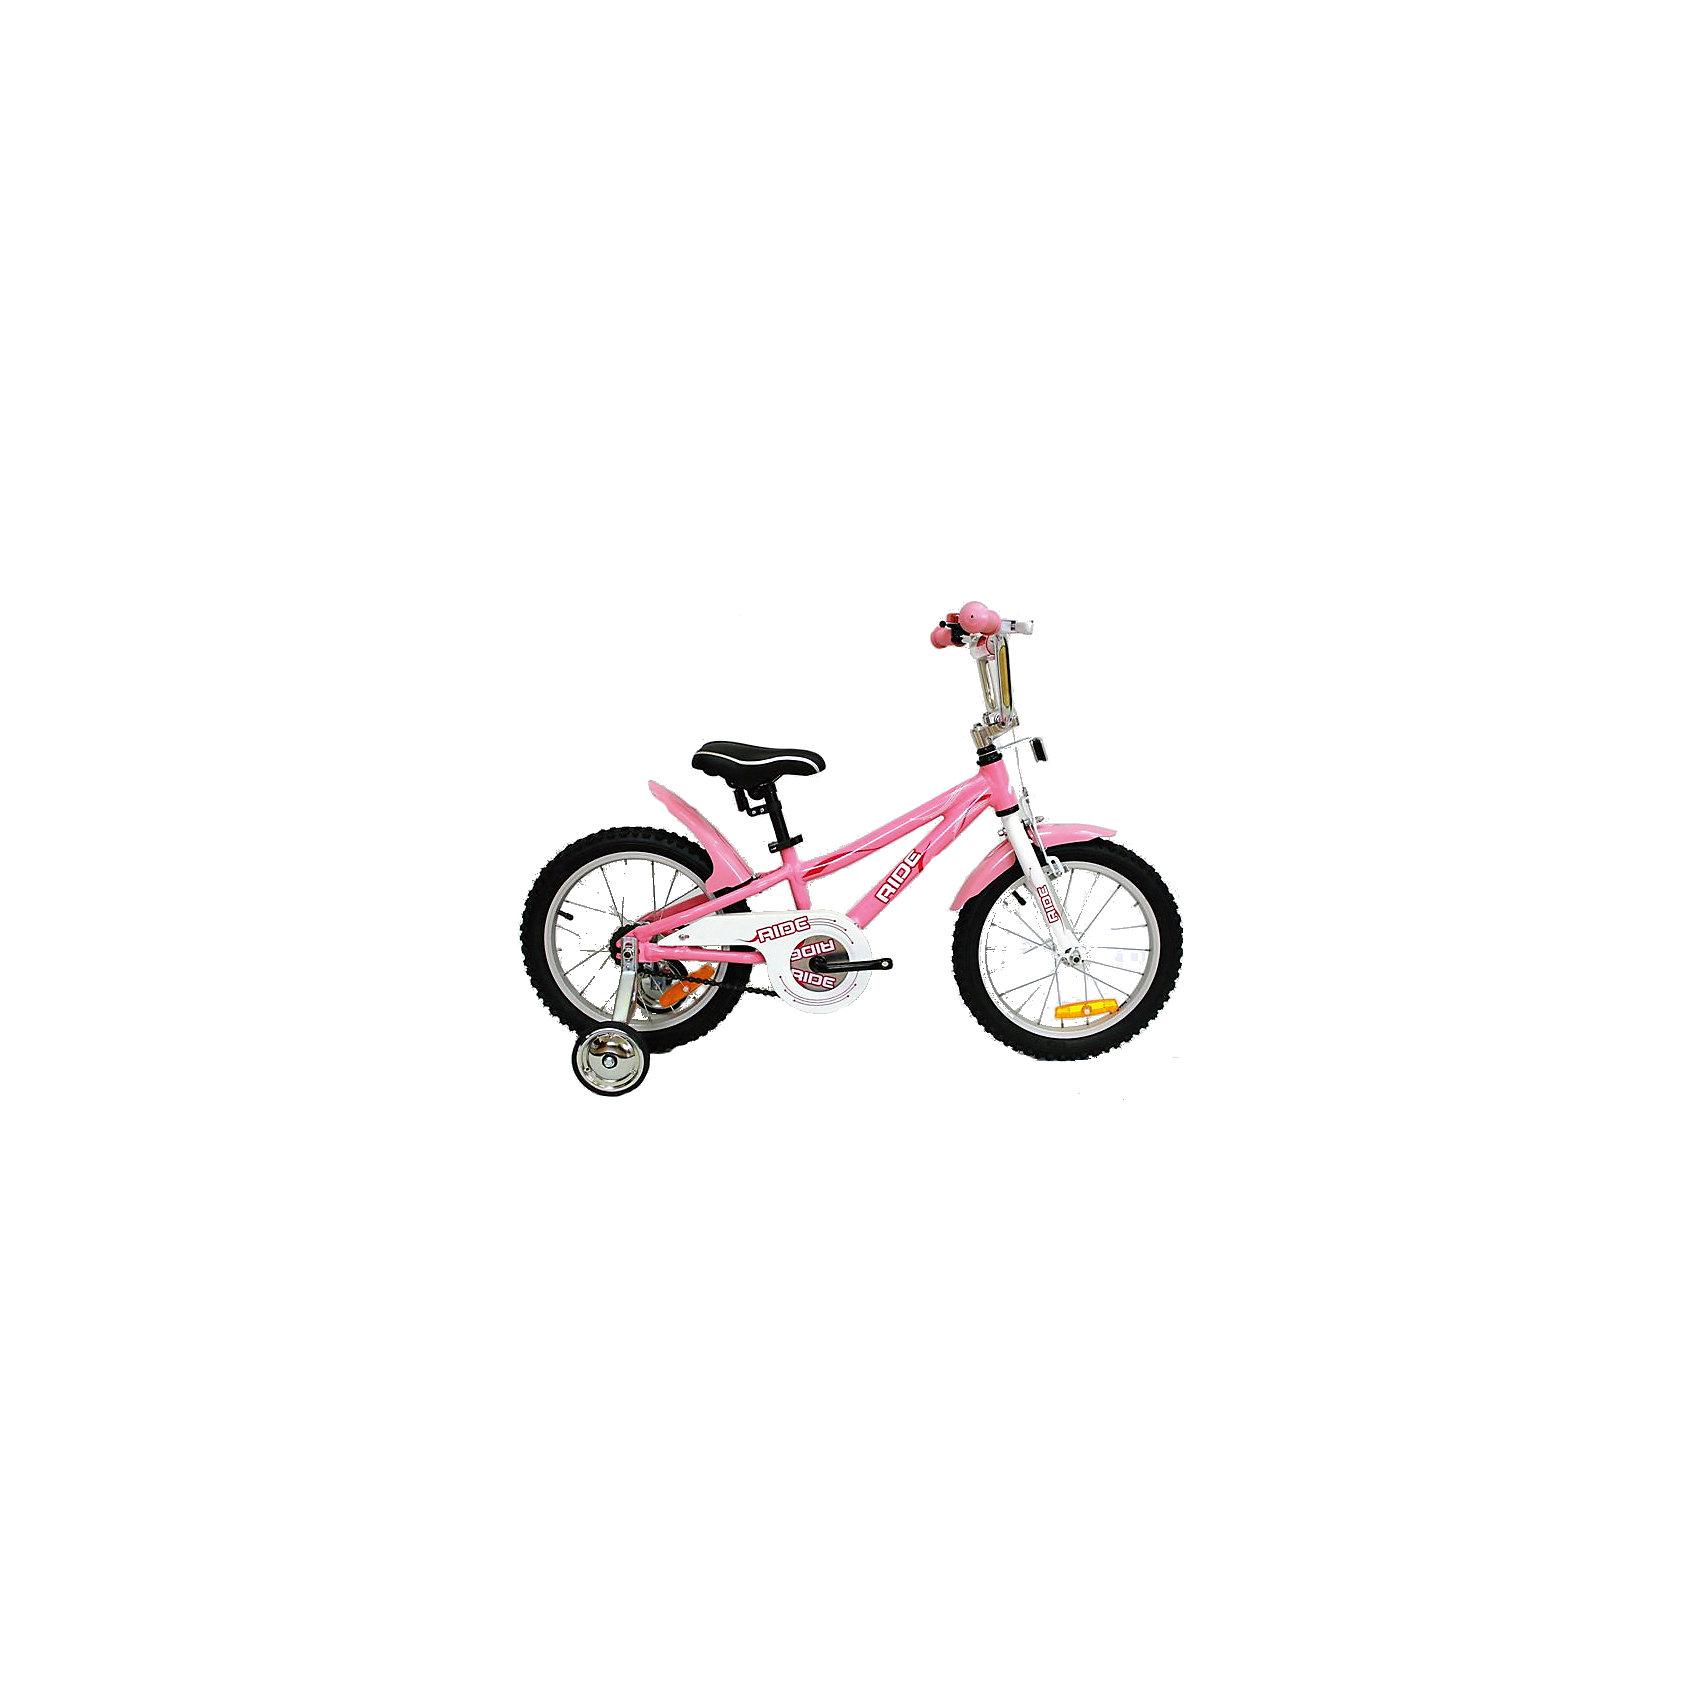 Велосипед RIDE, MARS, светло-розовыйВелосипеды детские<br><br><br>Ширина мм: 600<br>Глубина мм: 600<br>Высота мм: 1000<br>Вес г: 11200<br>Возраст от месяцев: 36<br>Возраст до месяцев: 84<br>Пол: Унисекс<br>Возраст: Детский<br>SKU: 4785504